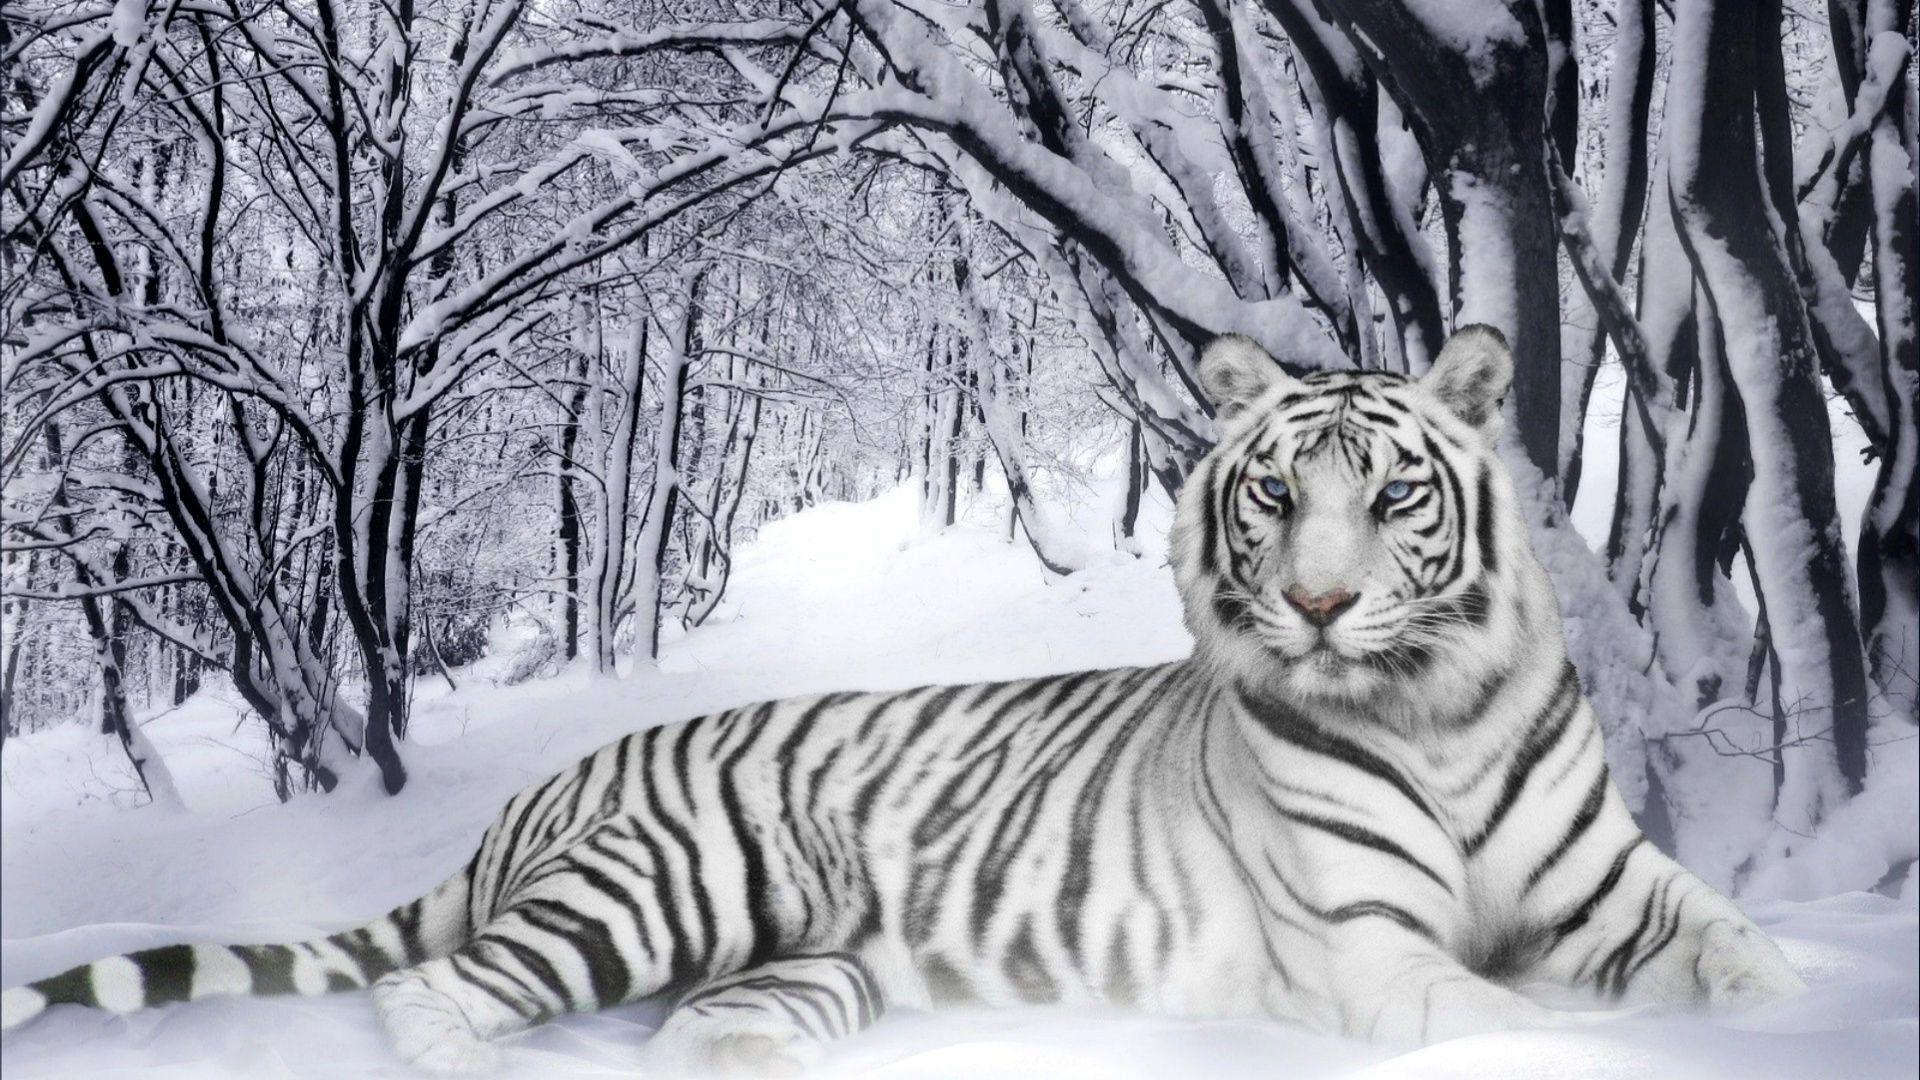 Felin Foret Froid Hiver Neige Noir Et Blanc Tigre Tigre Blanc Les Chats Sauvages Animaux Beaux